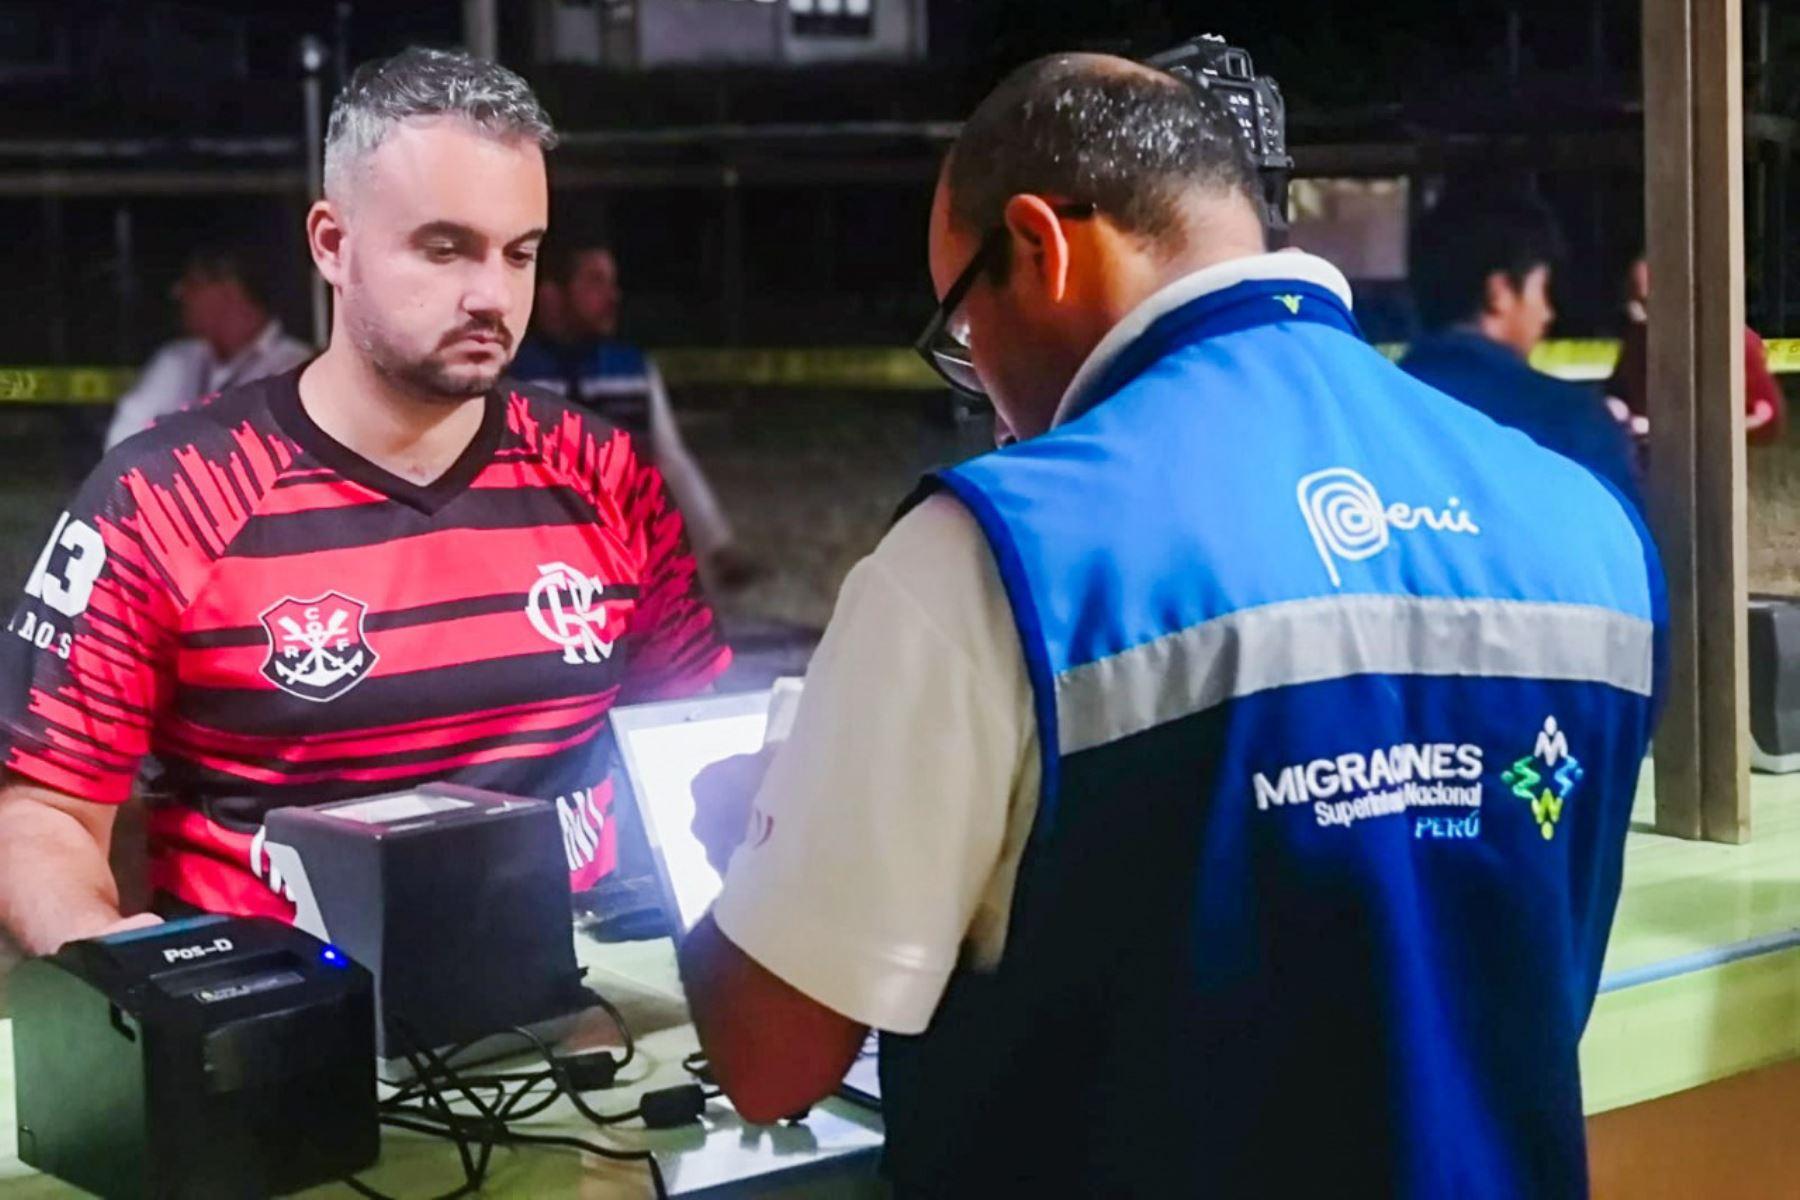 Más de 3,000 hinchas de Flamengo cruzan la frontera en Madre de Dios con rumbo a Lima para asistir a la final de la Copa Libertadores.